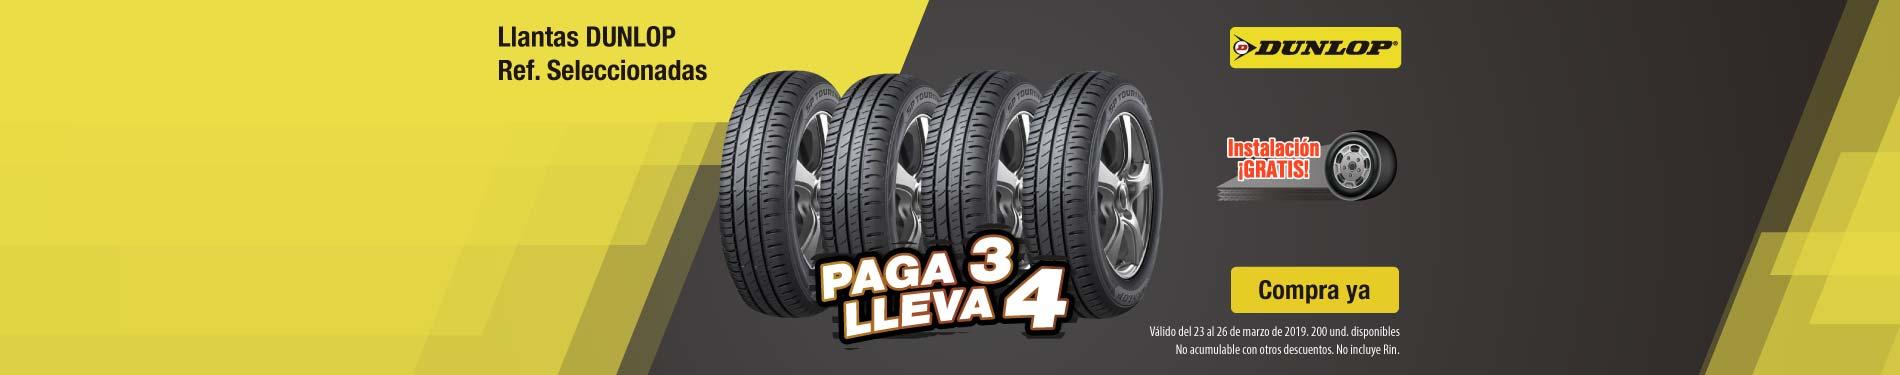 AK-PPAL-2-llantas-Dunlop-Mar23-D